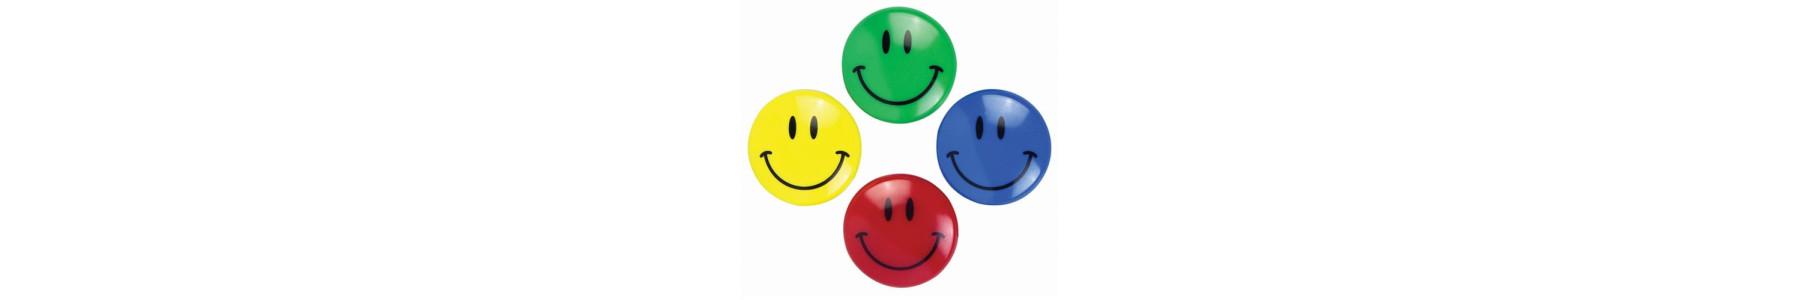 Colectia de articole party Smiley